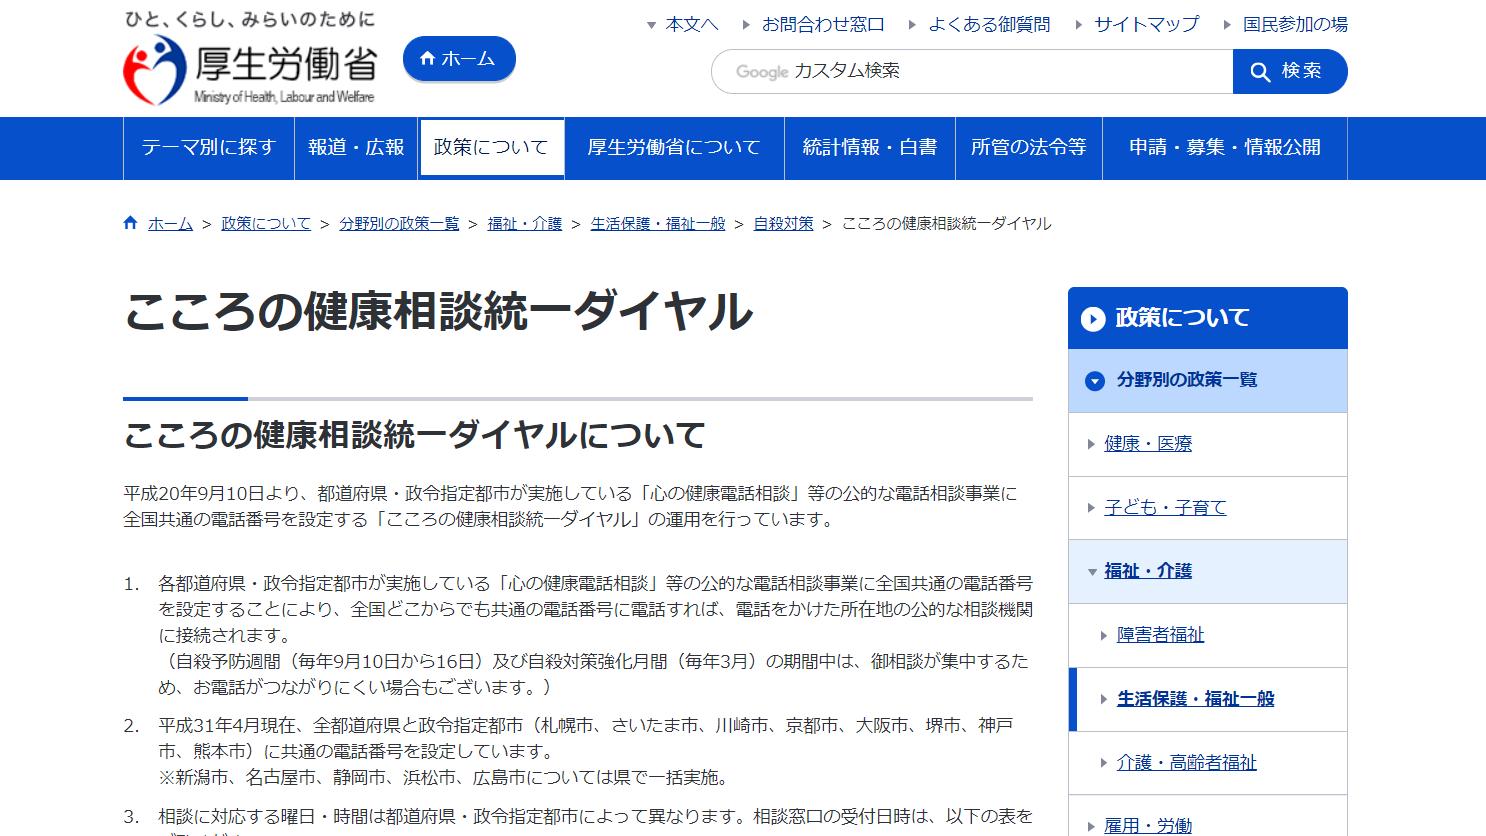 kokoro-no-kenkou-soudan